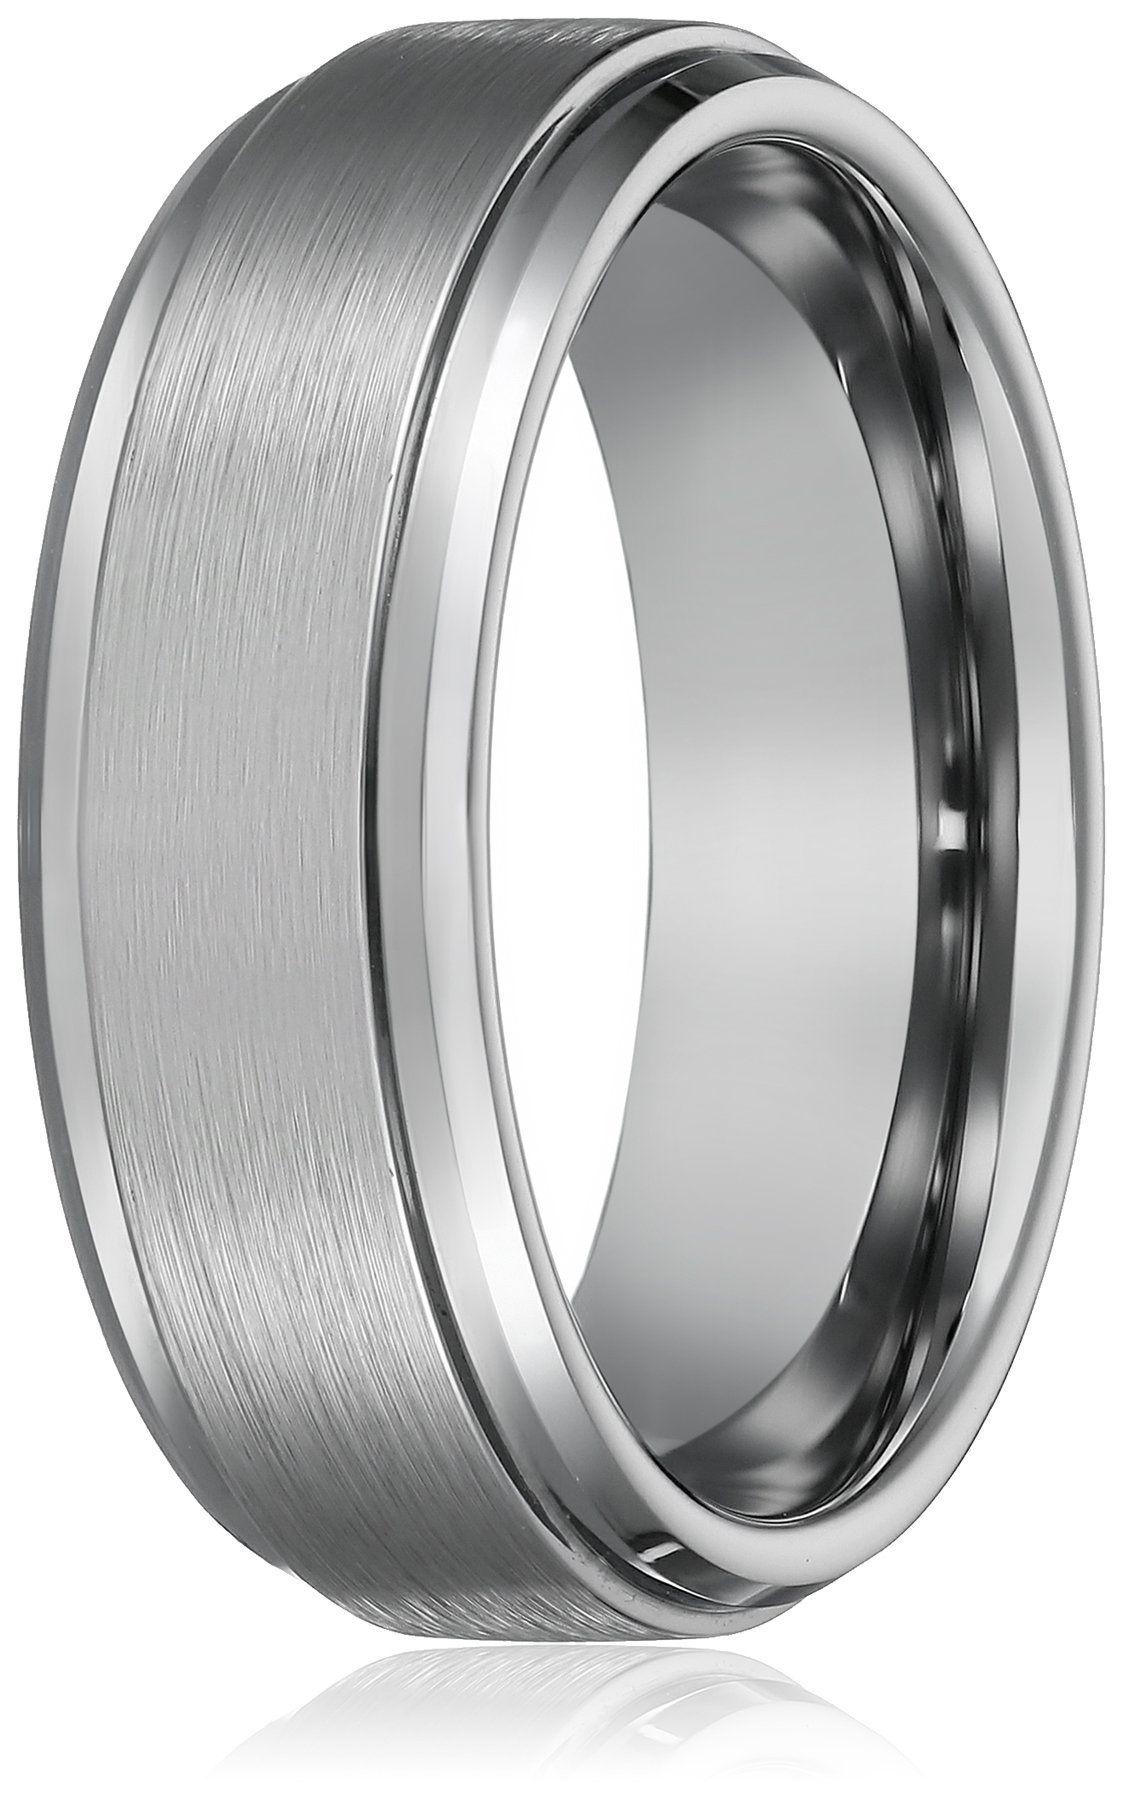 Size 12.5 Polished Flat Titanium Wedding Band Ring